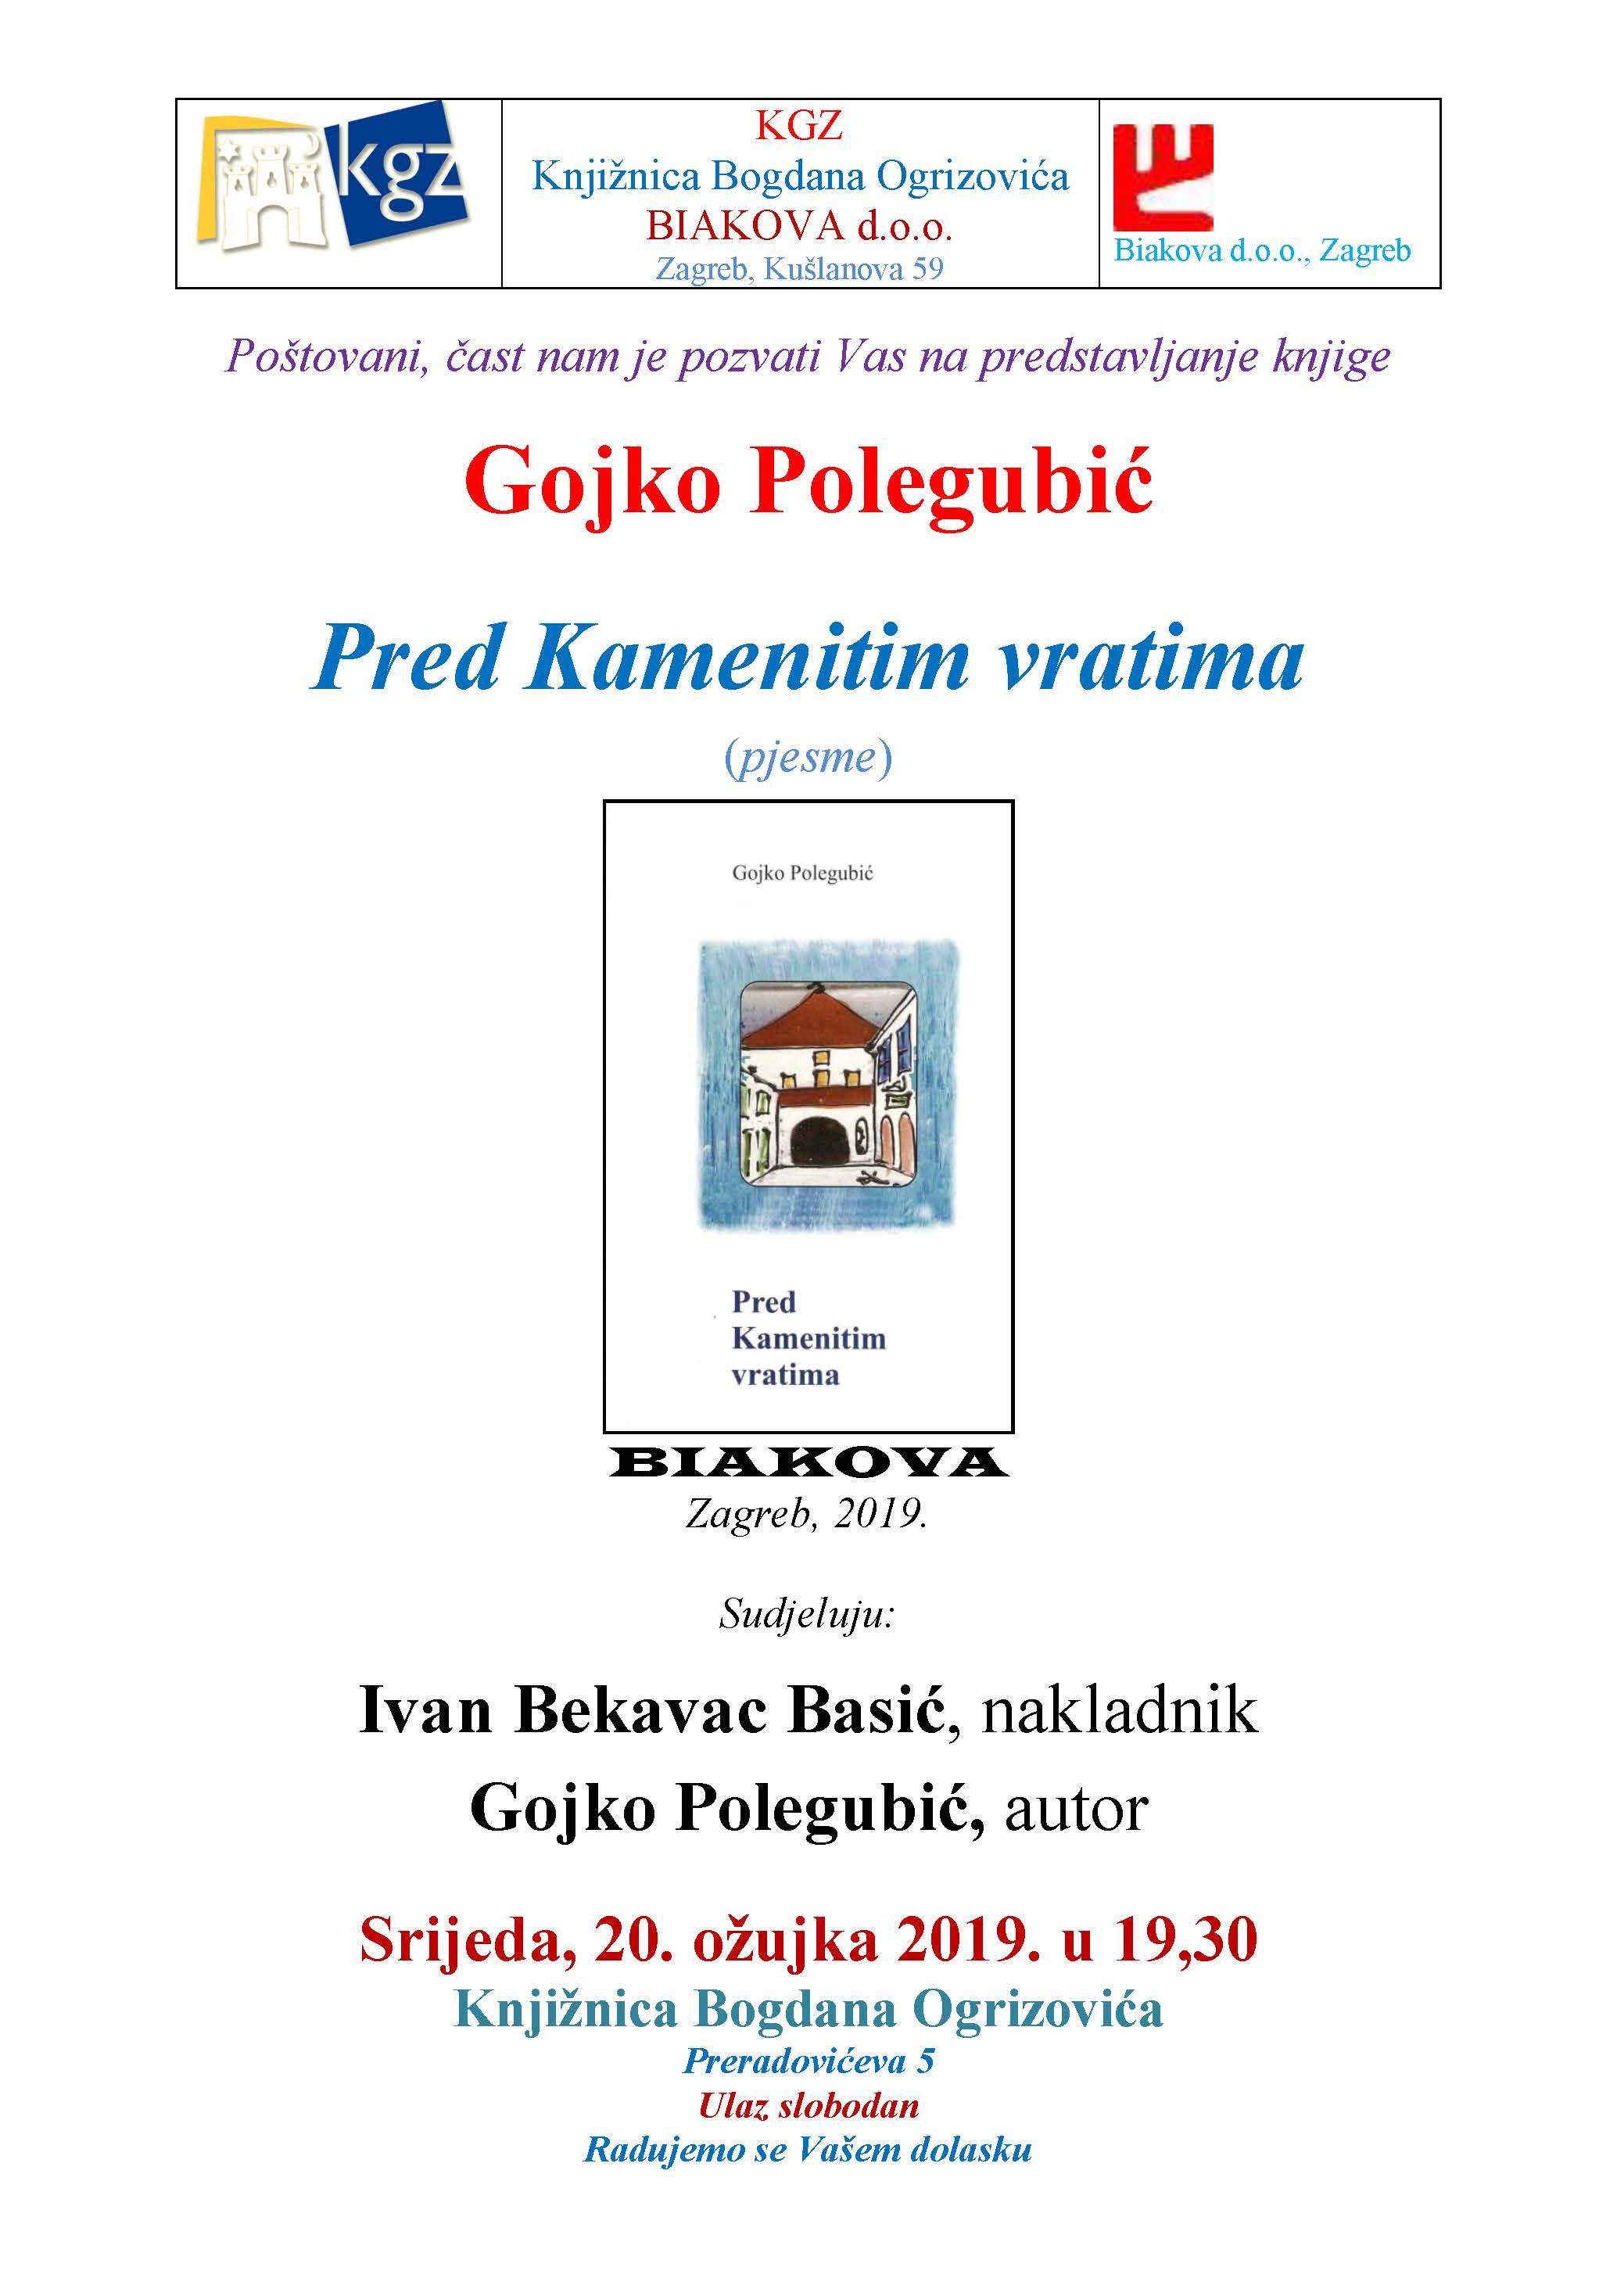 Pozivnica za Polegubic 20 3 2019 KGZ Ogrizovic